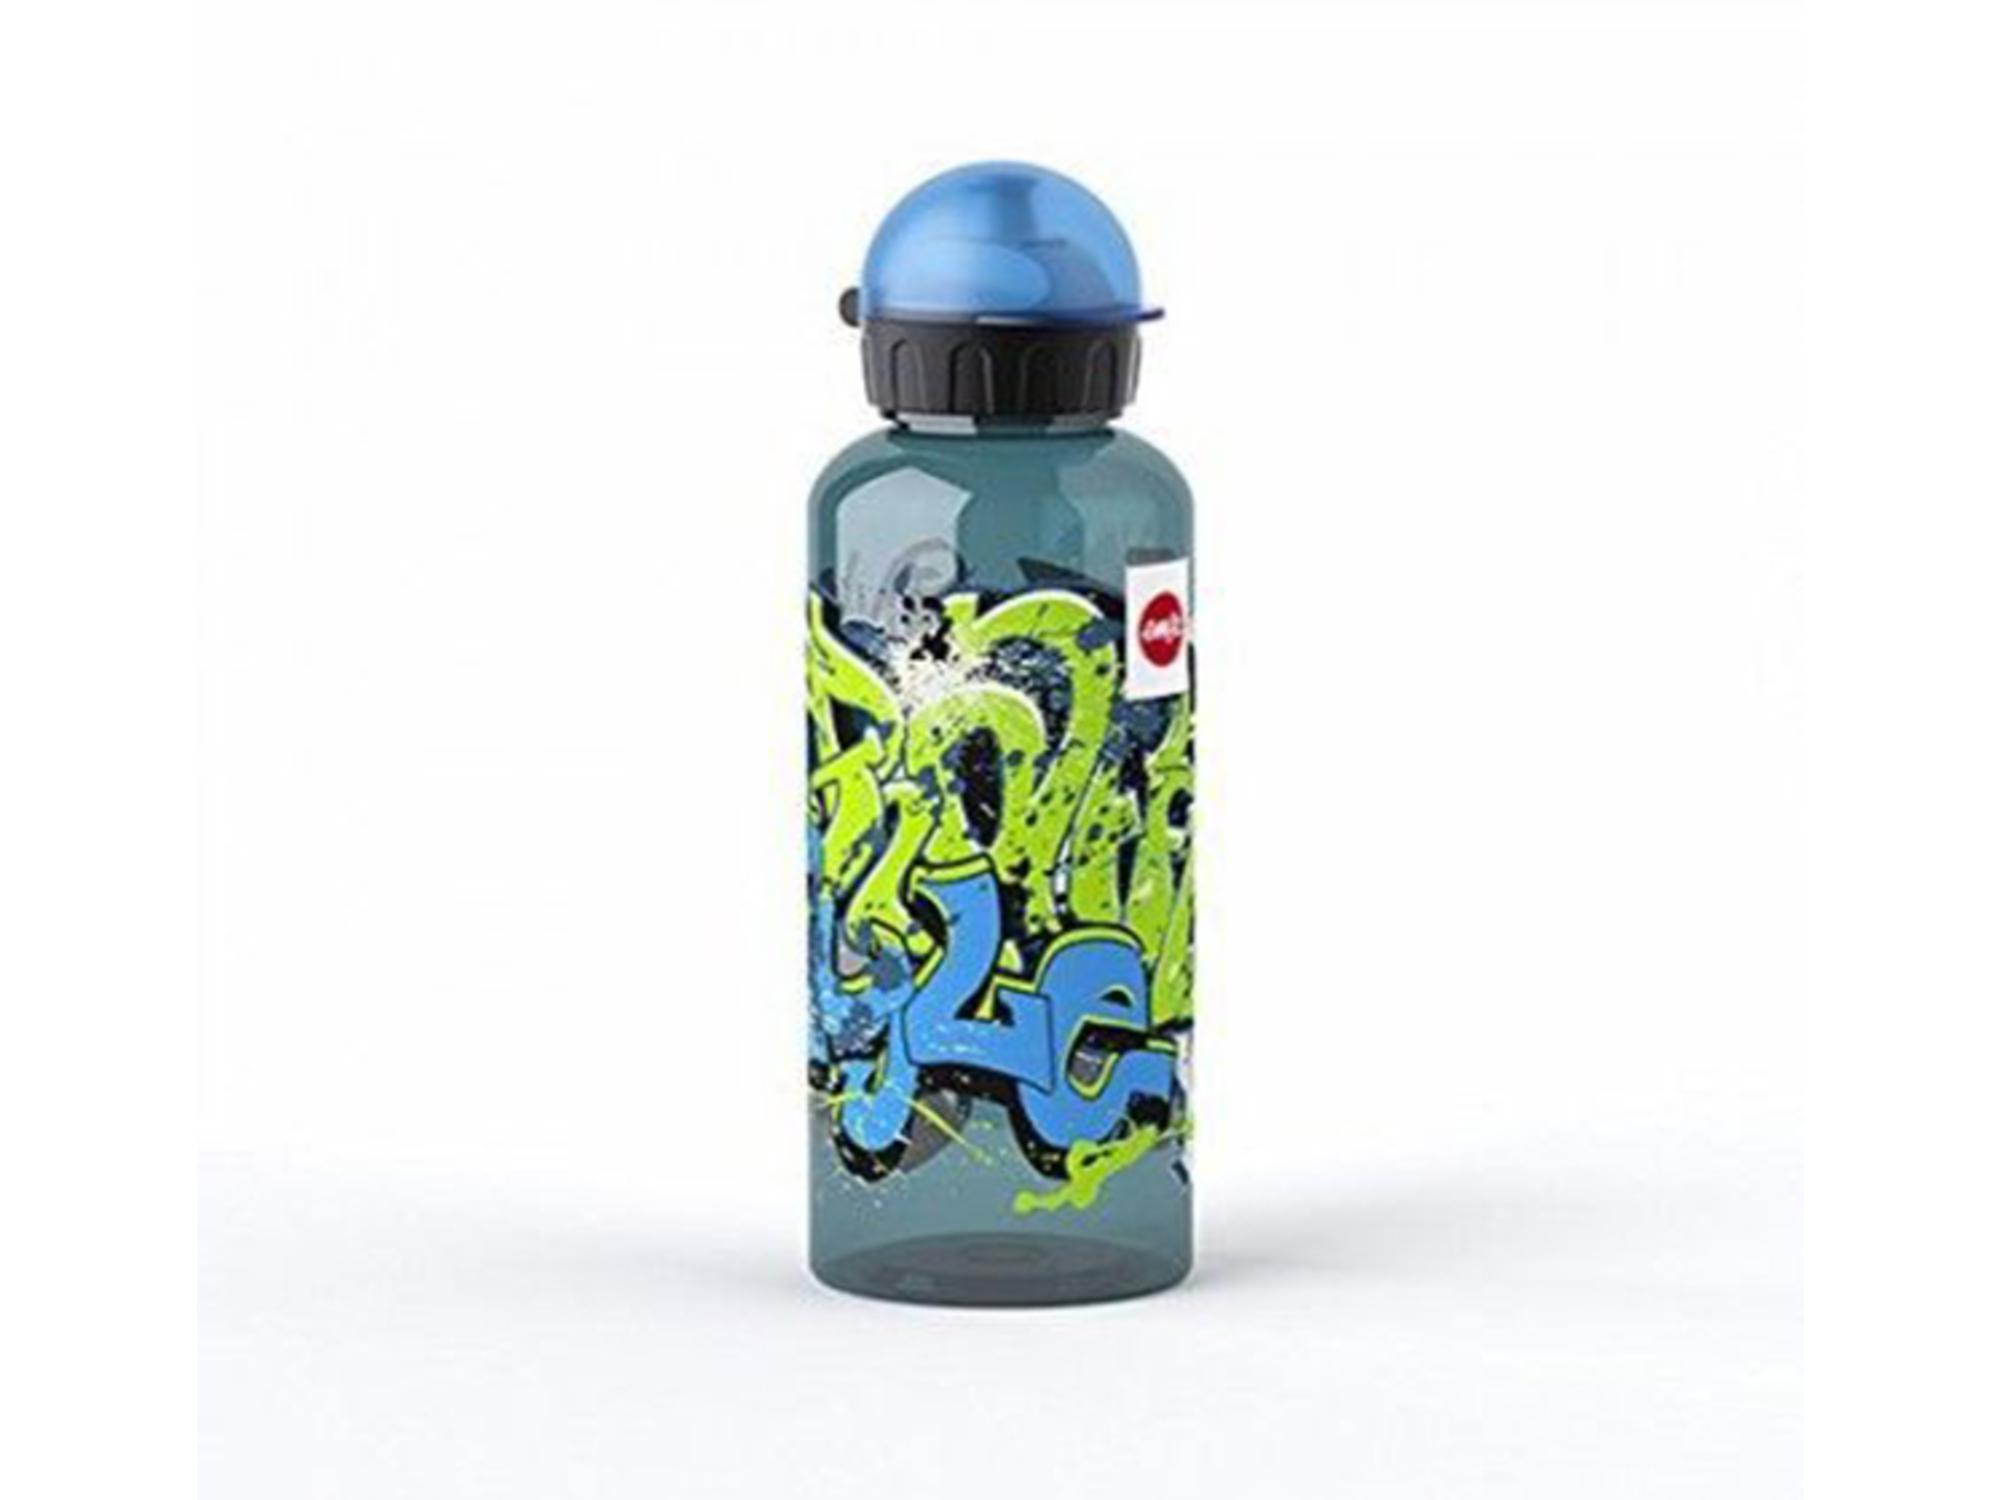 Tefal Flašica EMSA kids 518129 0,6l plava Graffiti